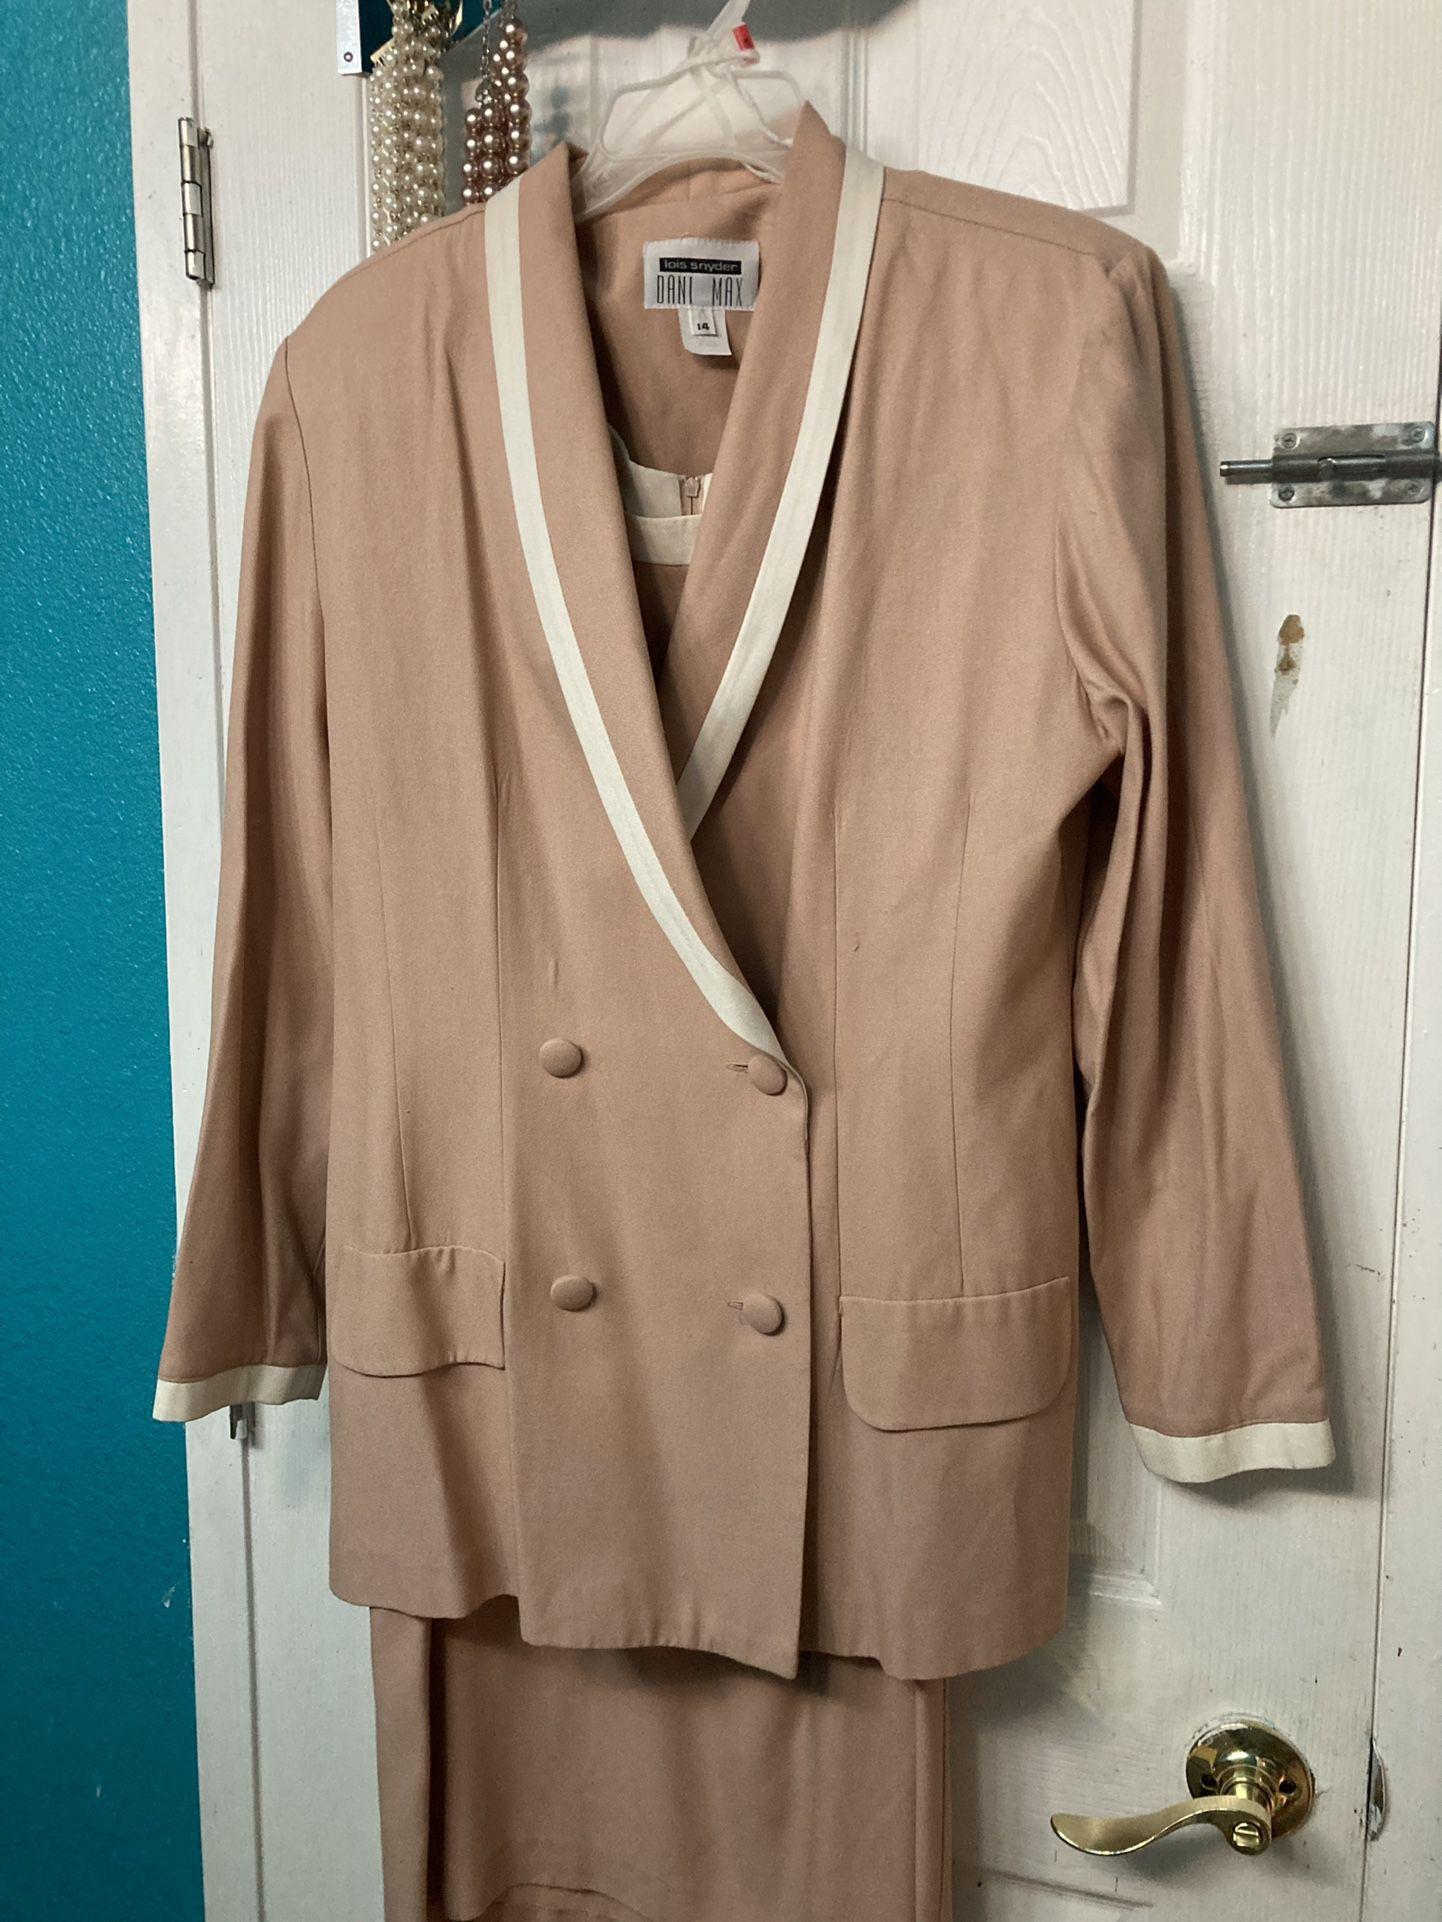 Lois Snyder Dani max Pink Dress Suit